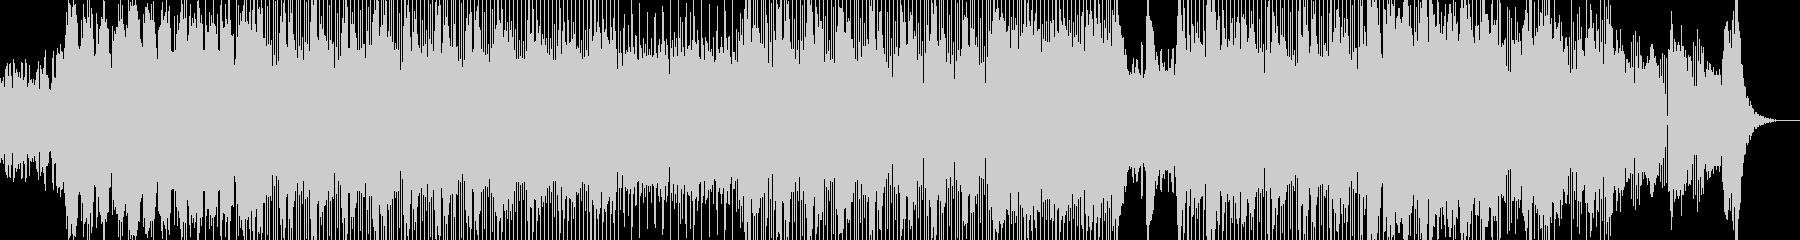 過激で近未来的なテックトランスの未再生の波形